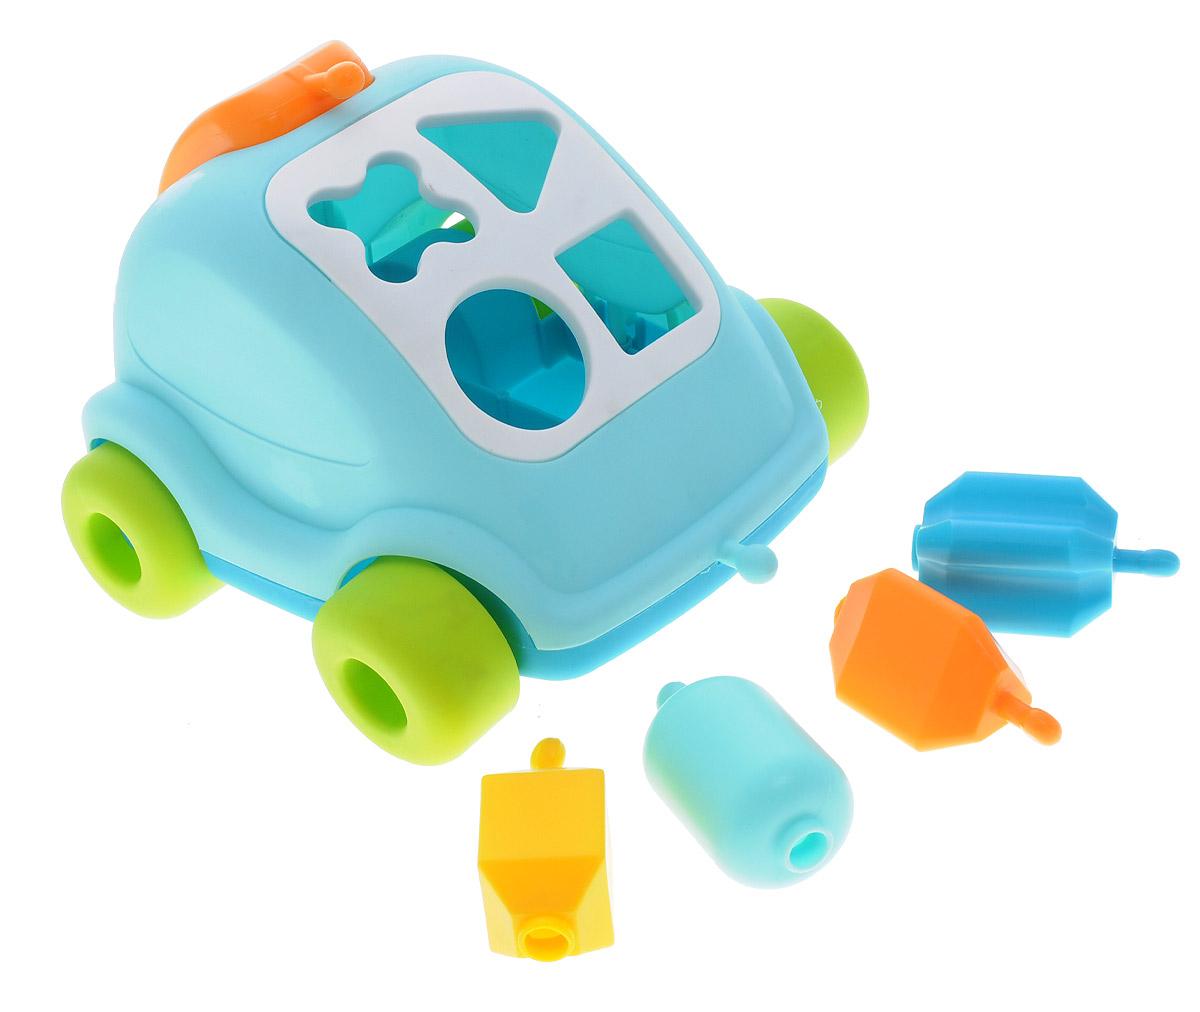 Smoby Развивающая игрушка Автомобиль с фигурками цвет голубой211323_голубойРазвивающая игрушка Smoby Автомобиль с фигурками не оставит малыша равнодушным. Игрушка познакомит ребенка с различными цветами и формами. Багажник машинки легко превращается в трубку телефона! Вот это чудеса техники! Каждую формочку необходимо опустить в соответствующее ей отверстие на корпусе машинки. А еще можно скрепить все формочки между собой и превратить машинку в каталку. Игрушка не имеет острых углов и мелких деталей, поэтому она абсолютно безопасна для малышей. В комплект входят наклейки, которыми можно украсить фигурки и автомобильчик. Машинка оснащена широкими устойчивыми колесами. Благодаря такой игрушке, ваш ребенок познакомится с цветами и формами, разовьет моторику рук и координацию движений.